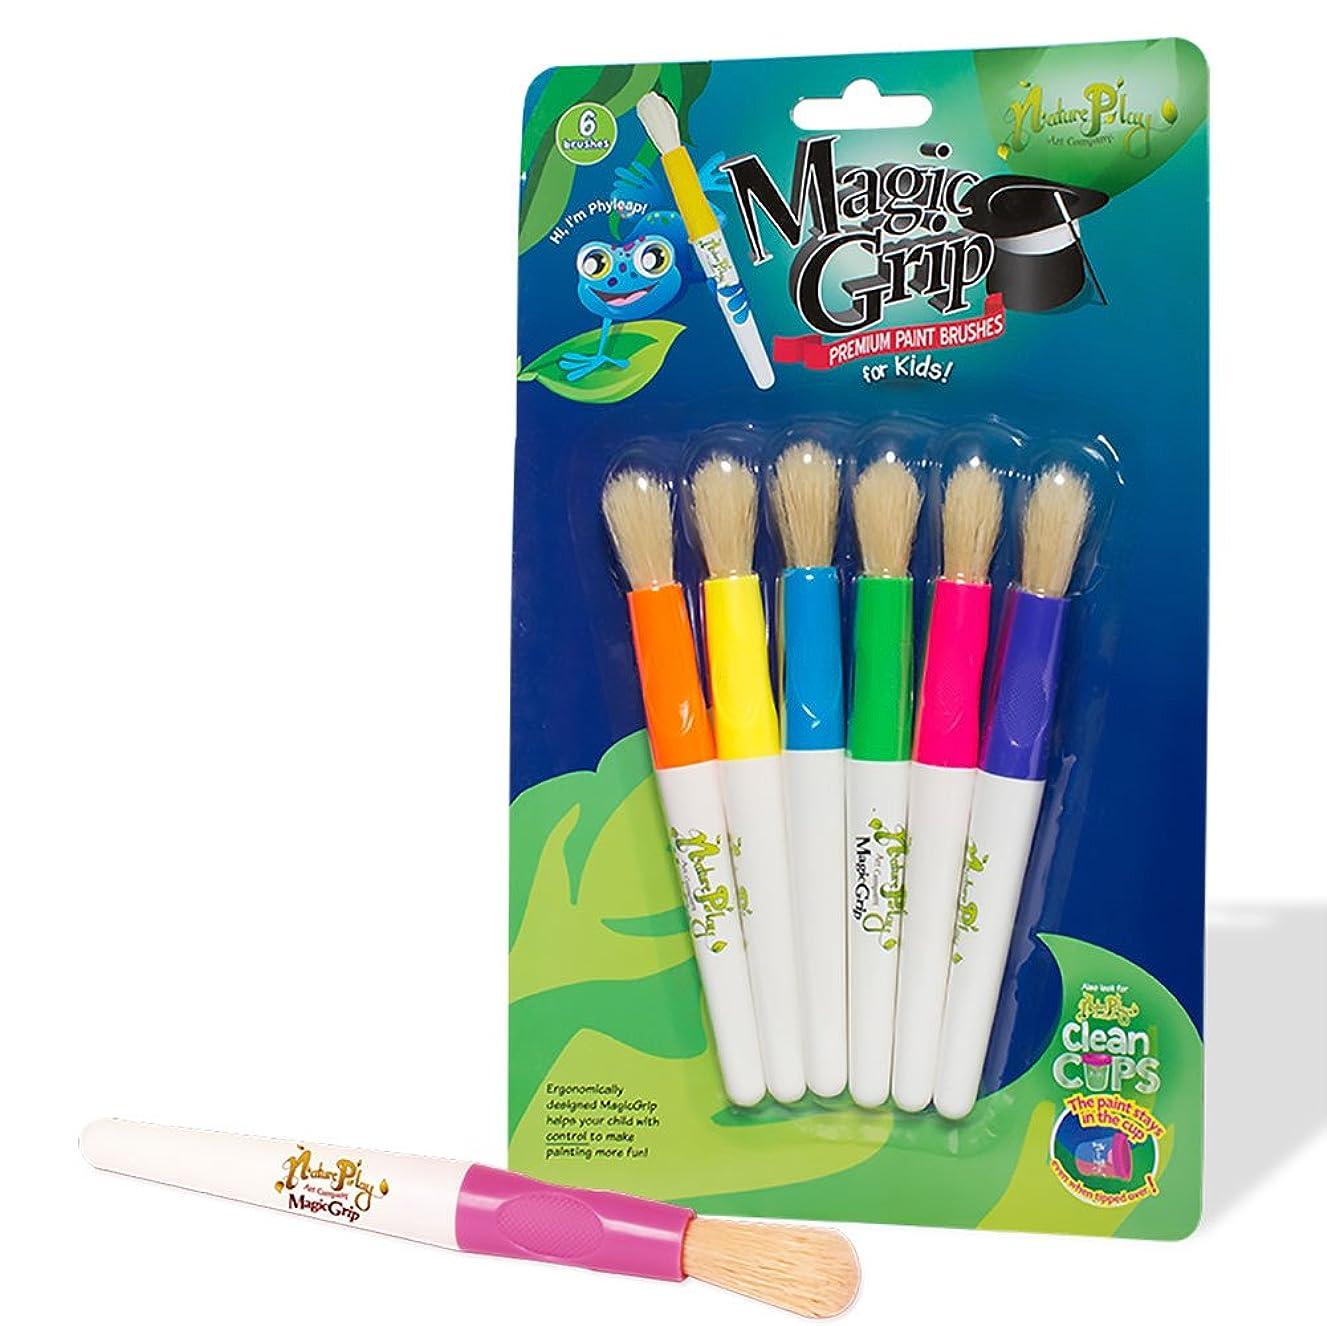 St/6 Magic Grip Premium Paintbrushes